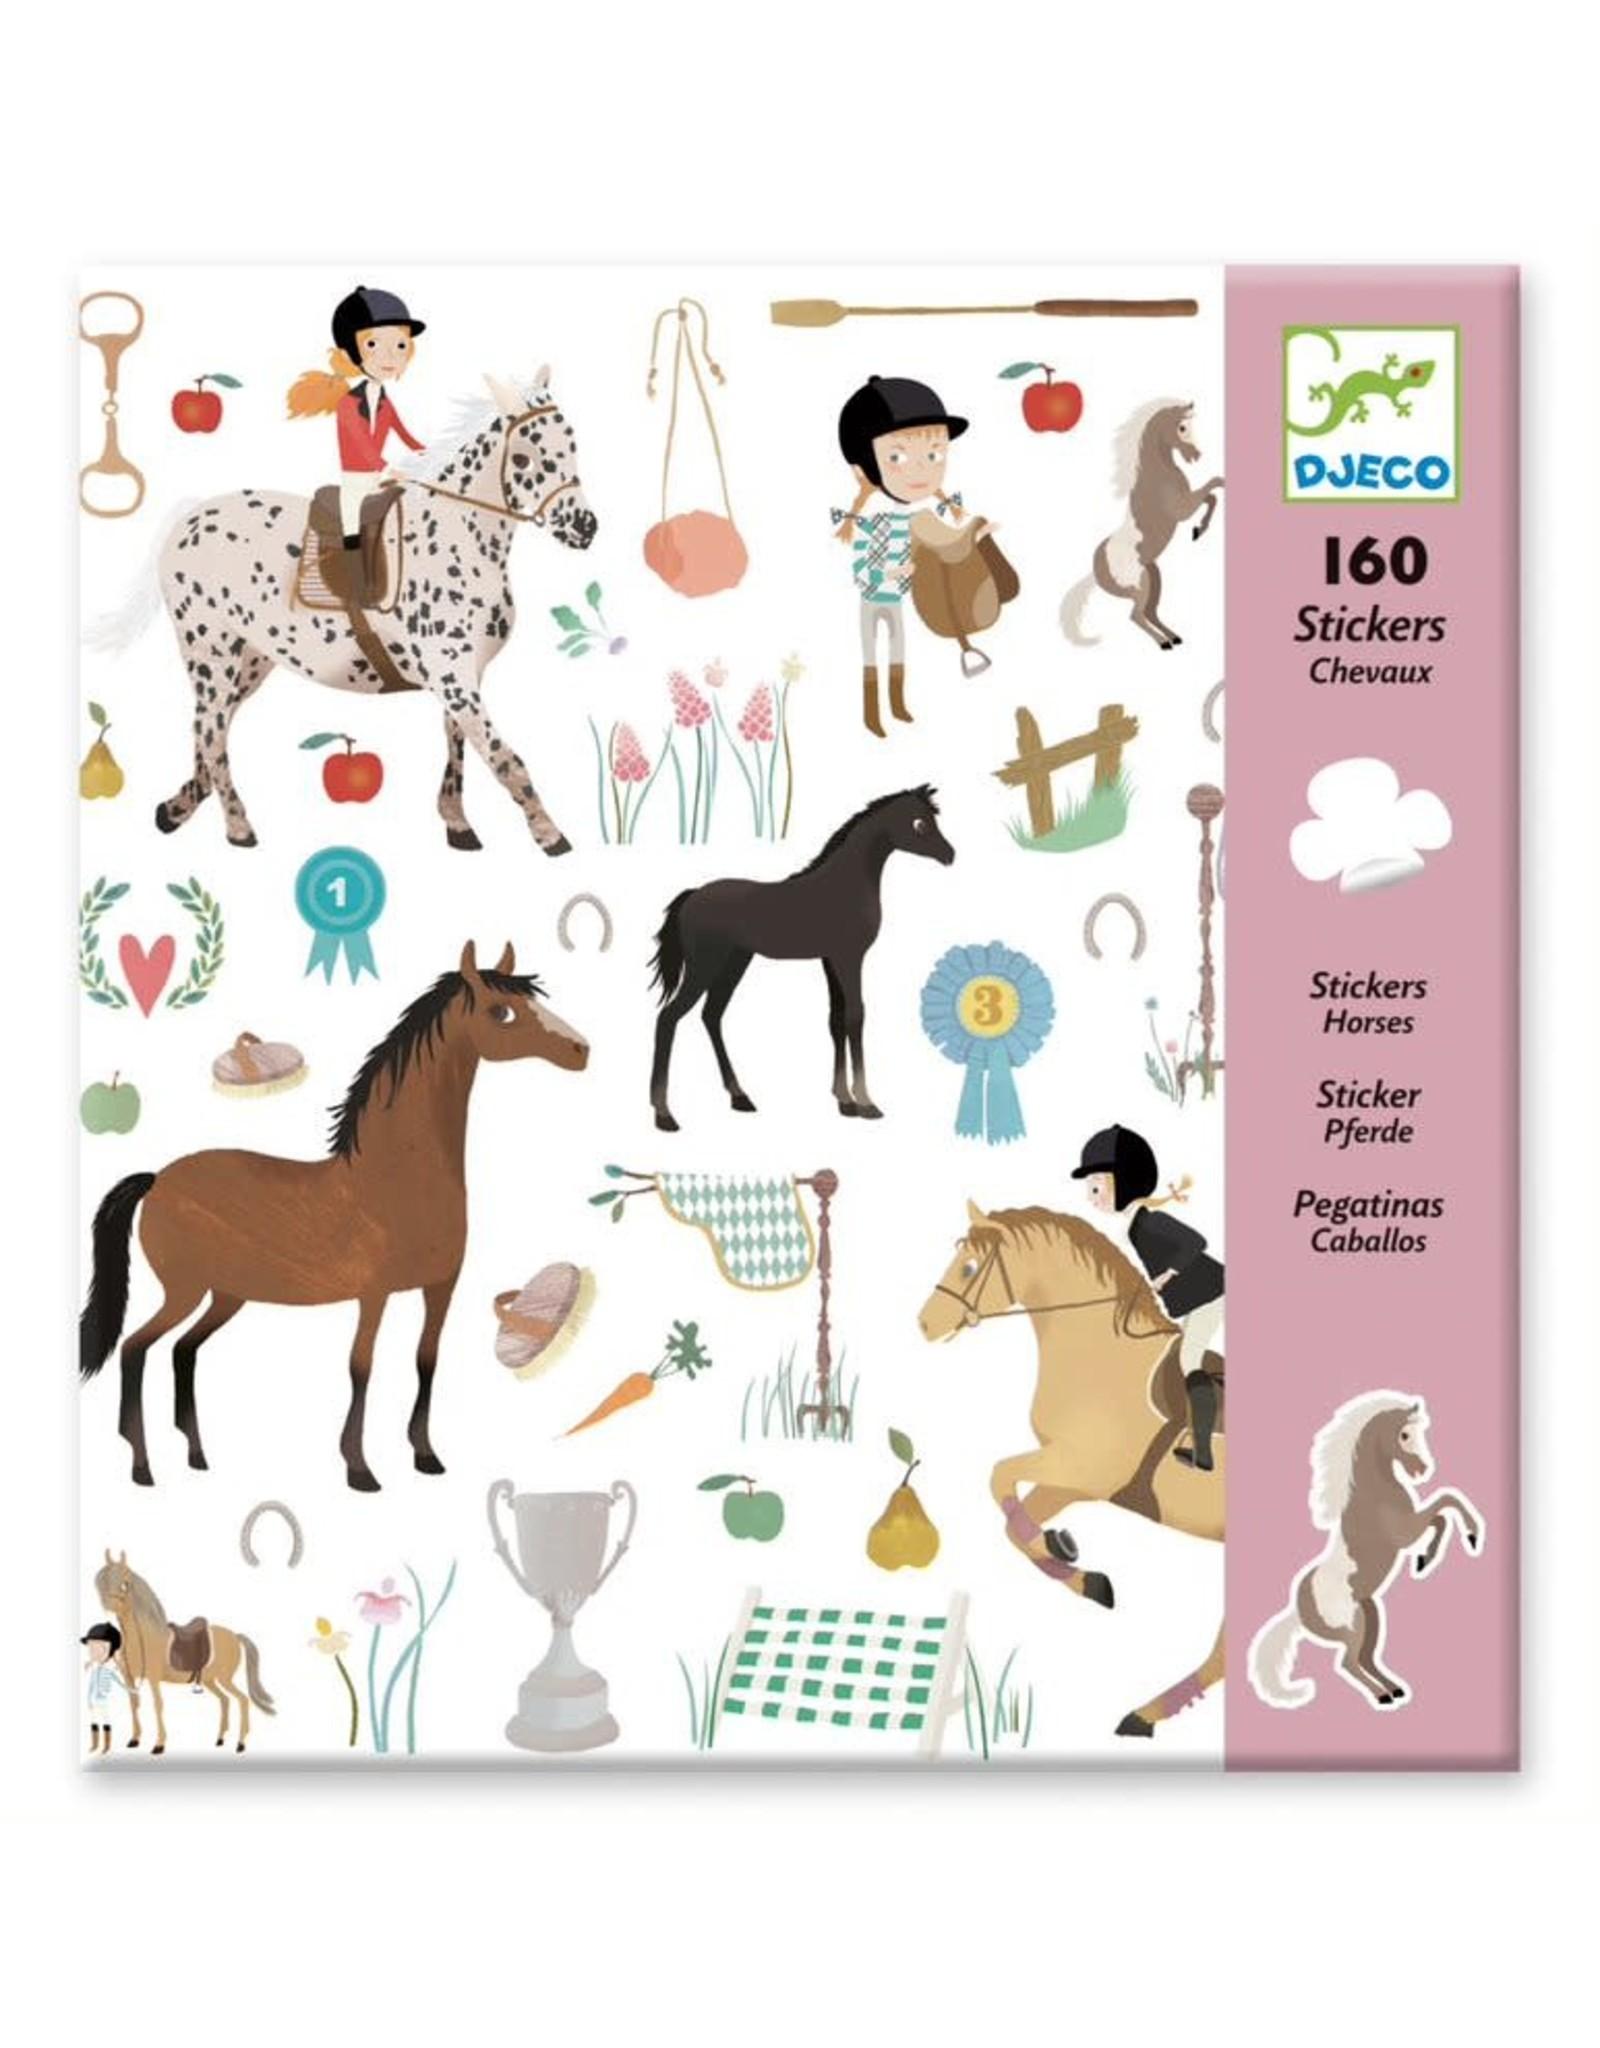 Djeco Horse Stickers